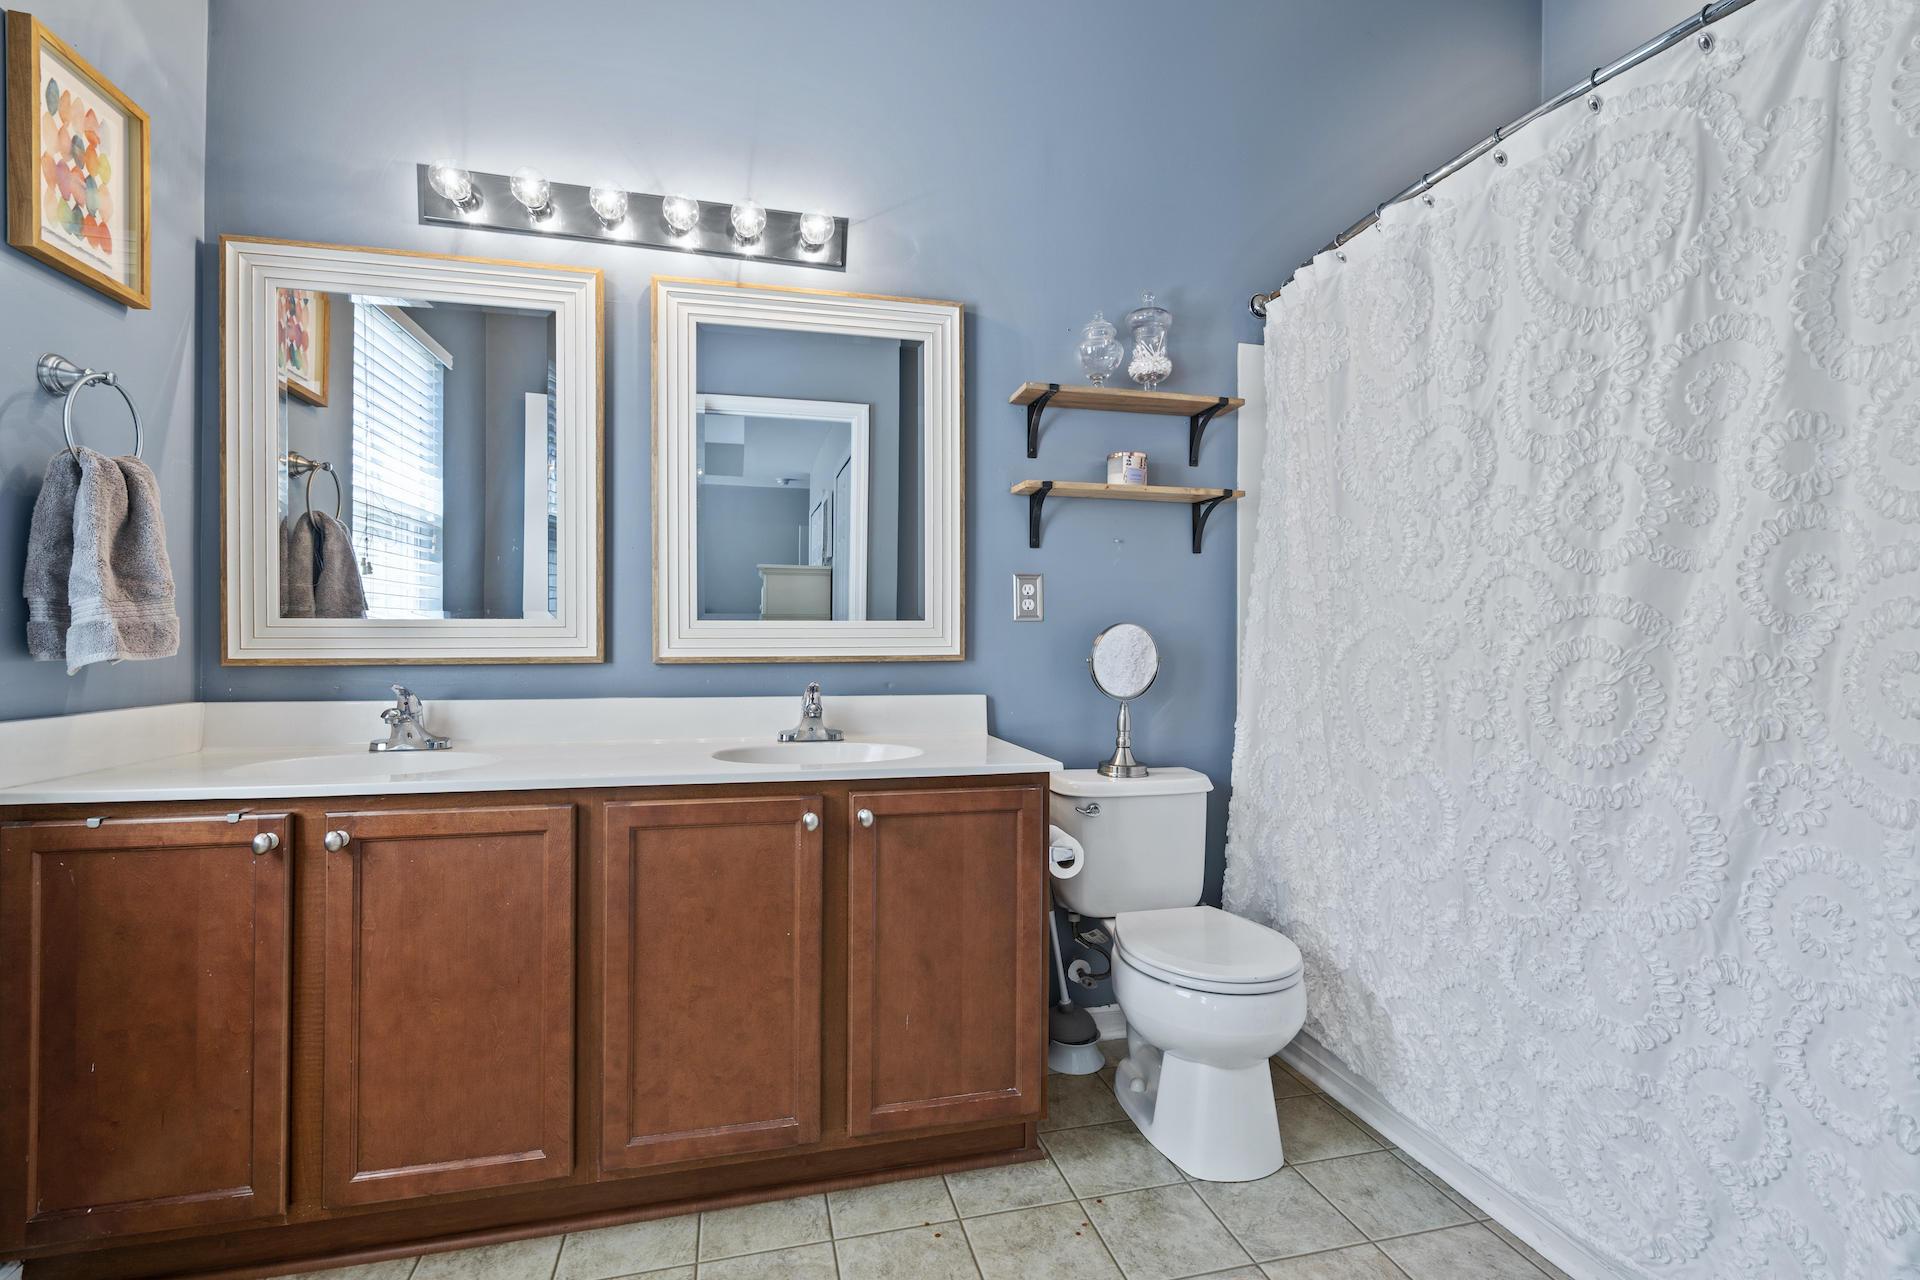 Park West Homes For Sale - 3061 Park West, Mount Pleasant, SC - 6